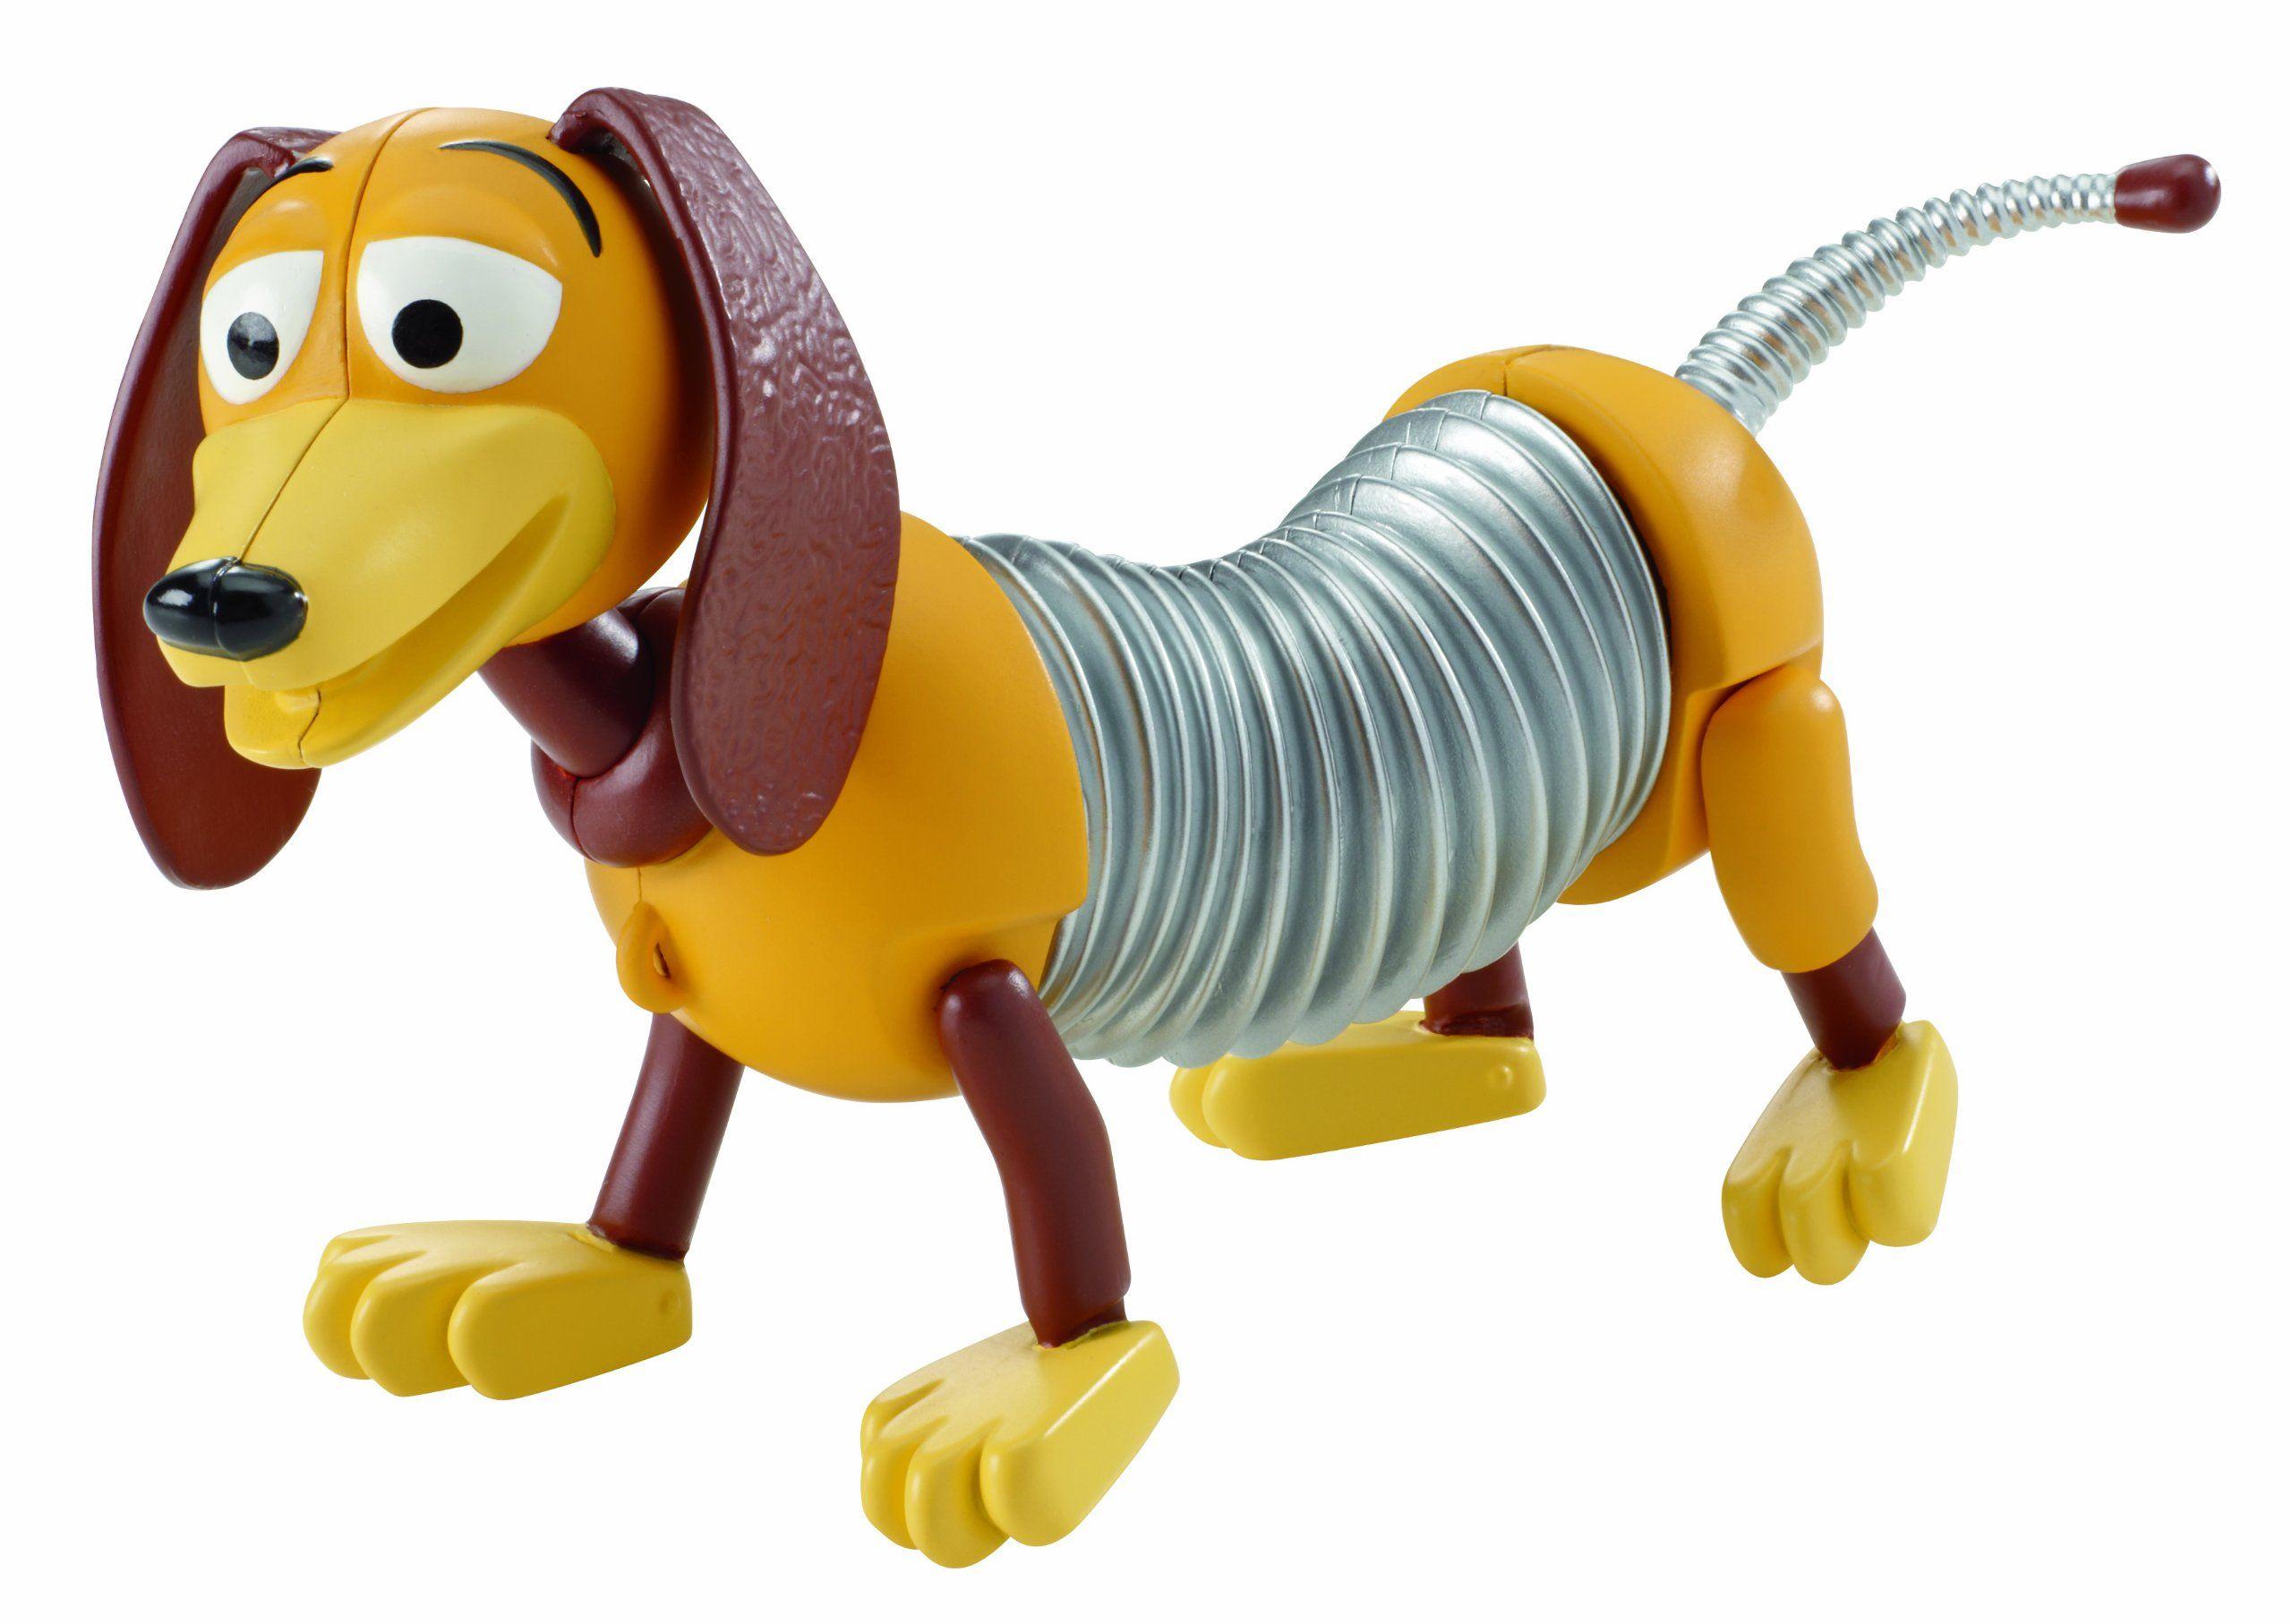 Spring Dog Toy Story